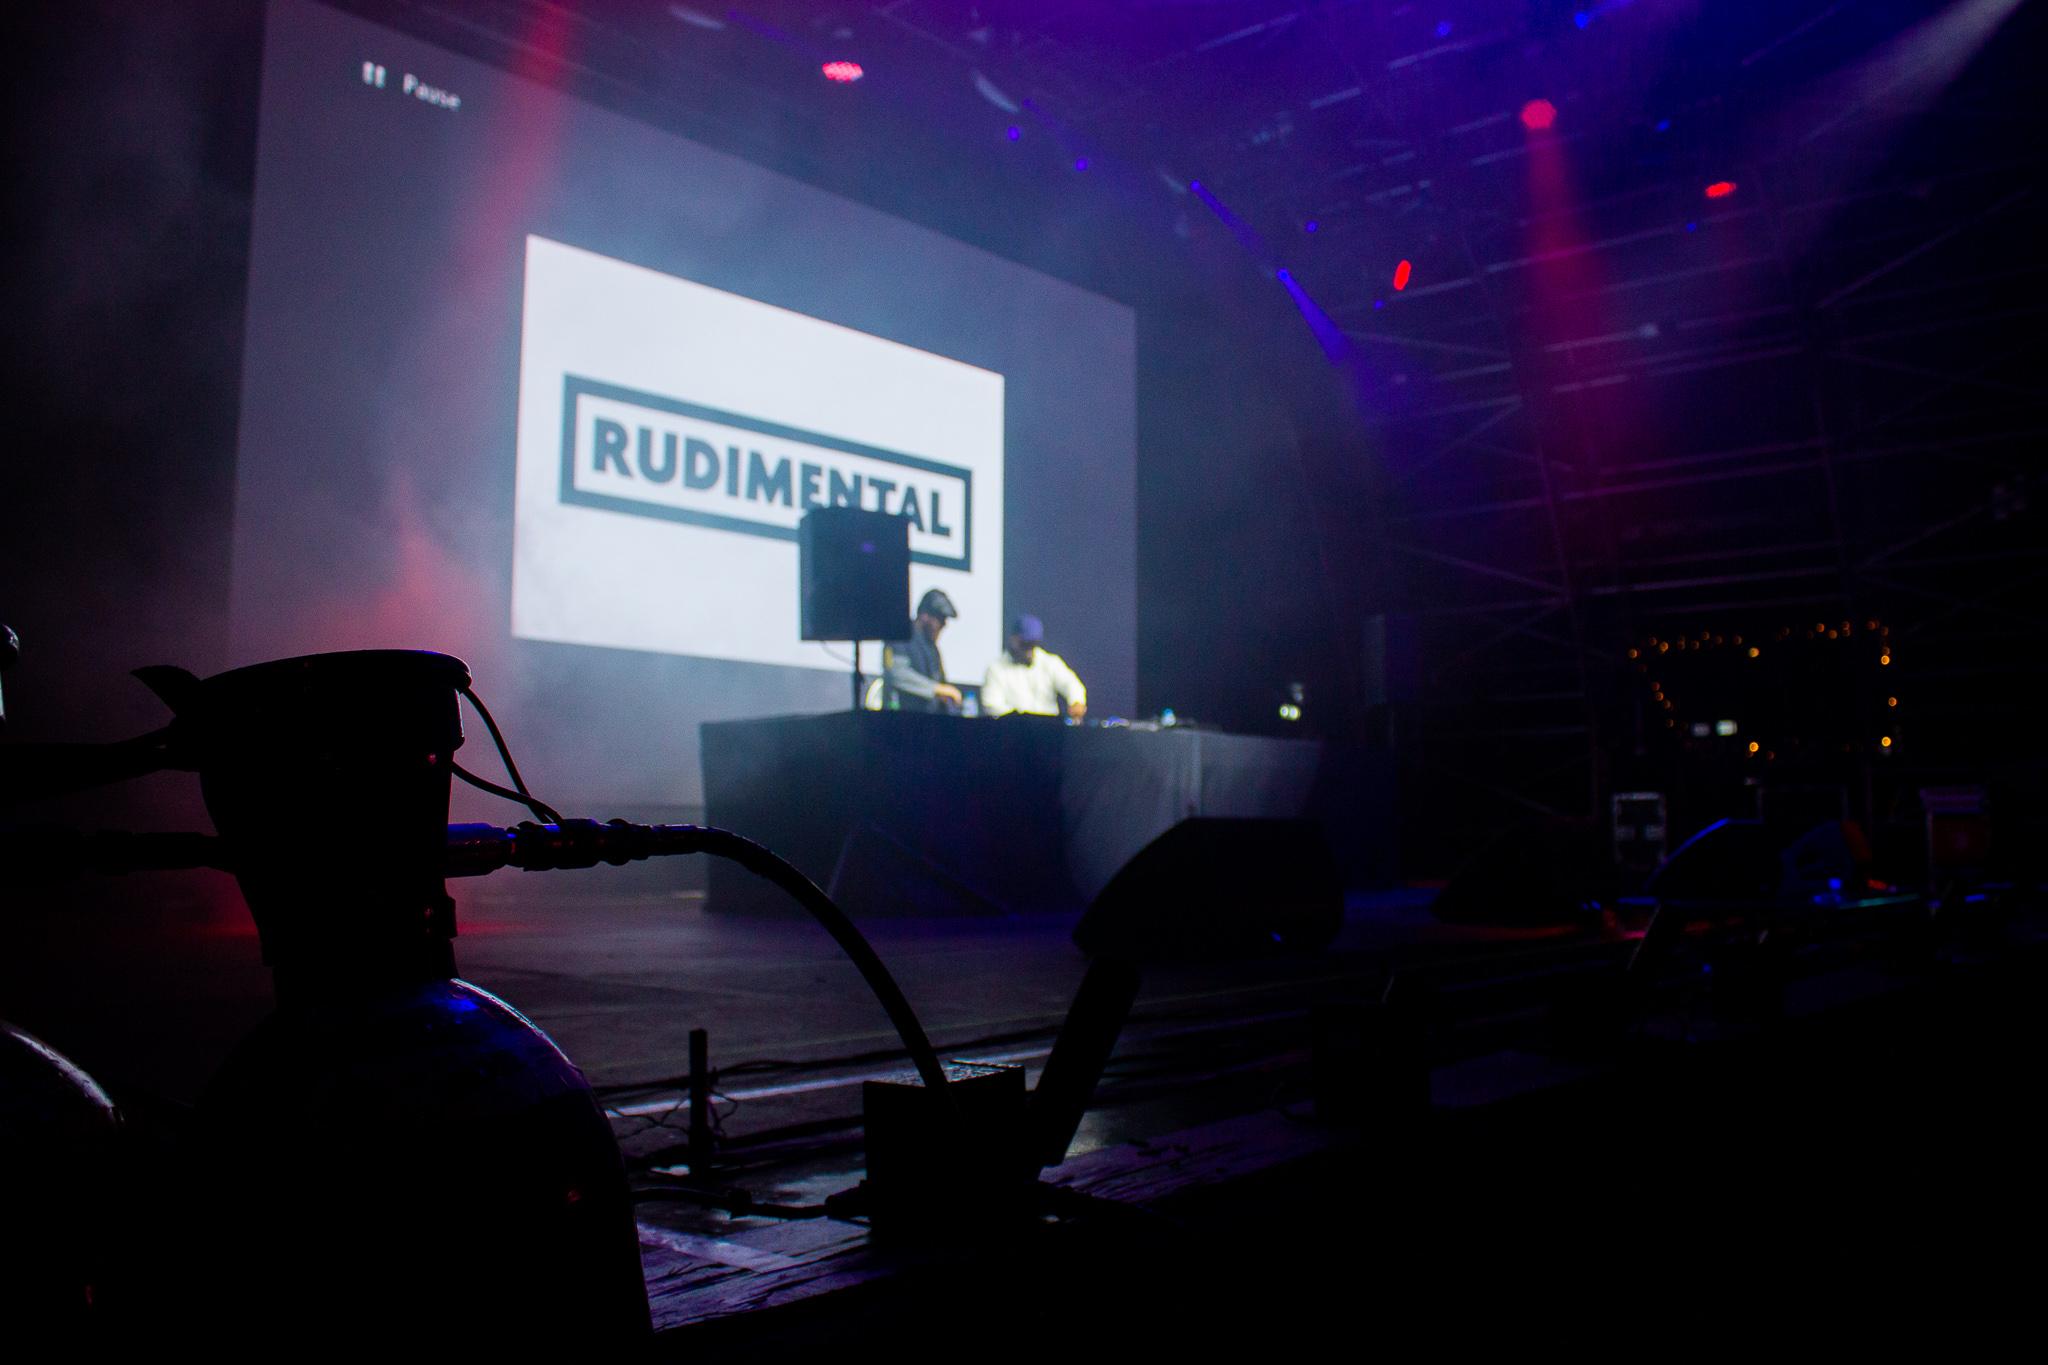 rudimental on stage